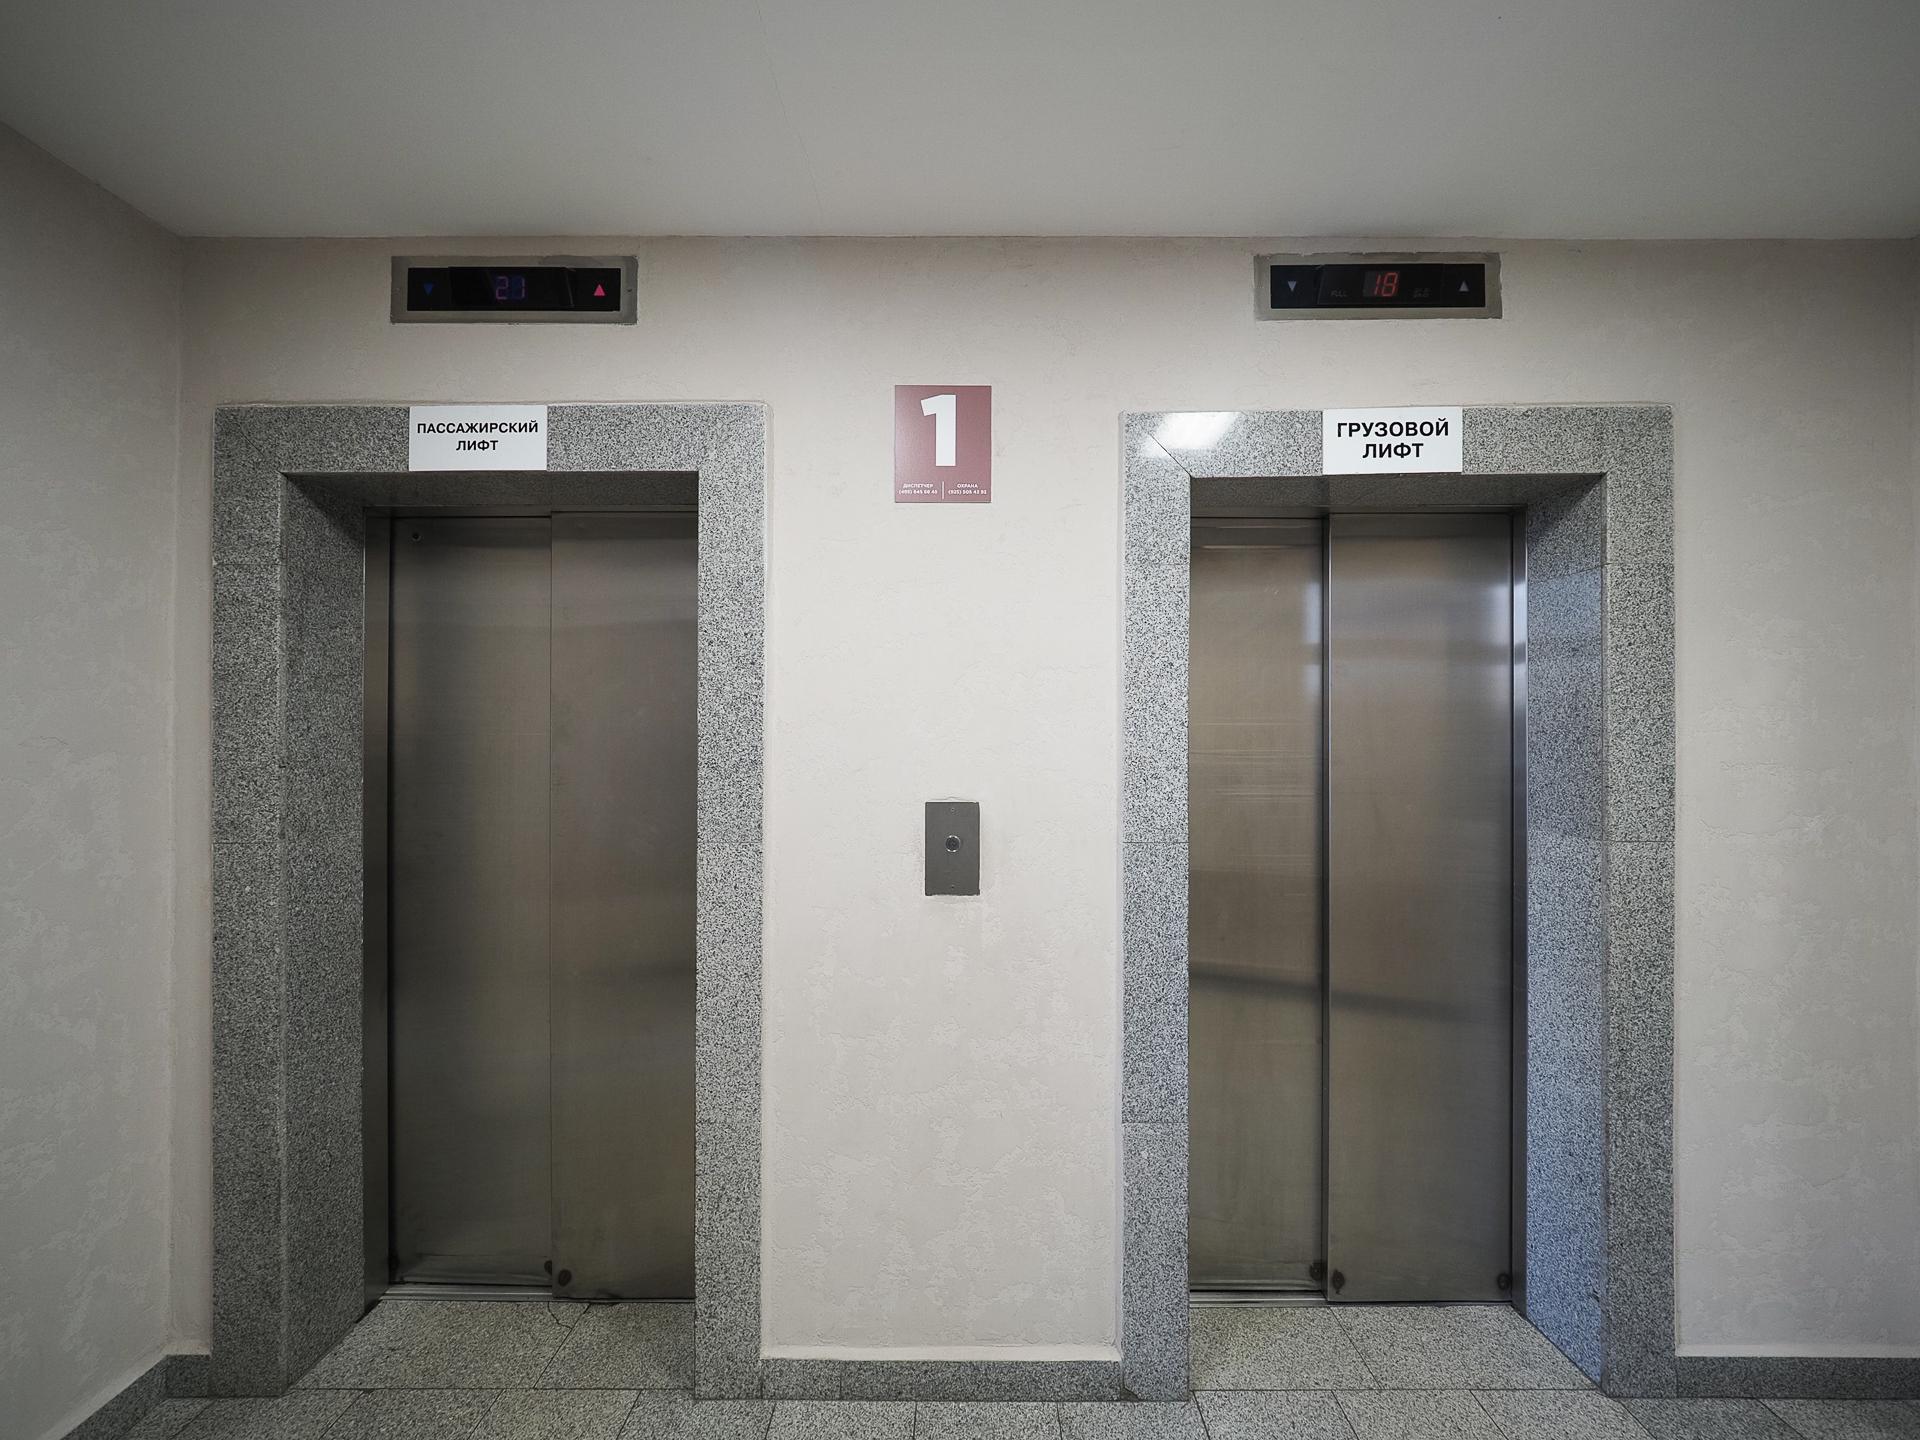 видовая квартира 22 этаж 100 Кв м 34